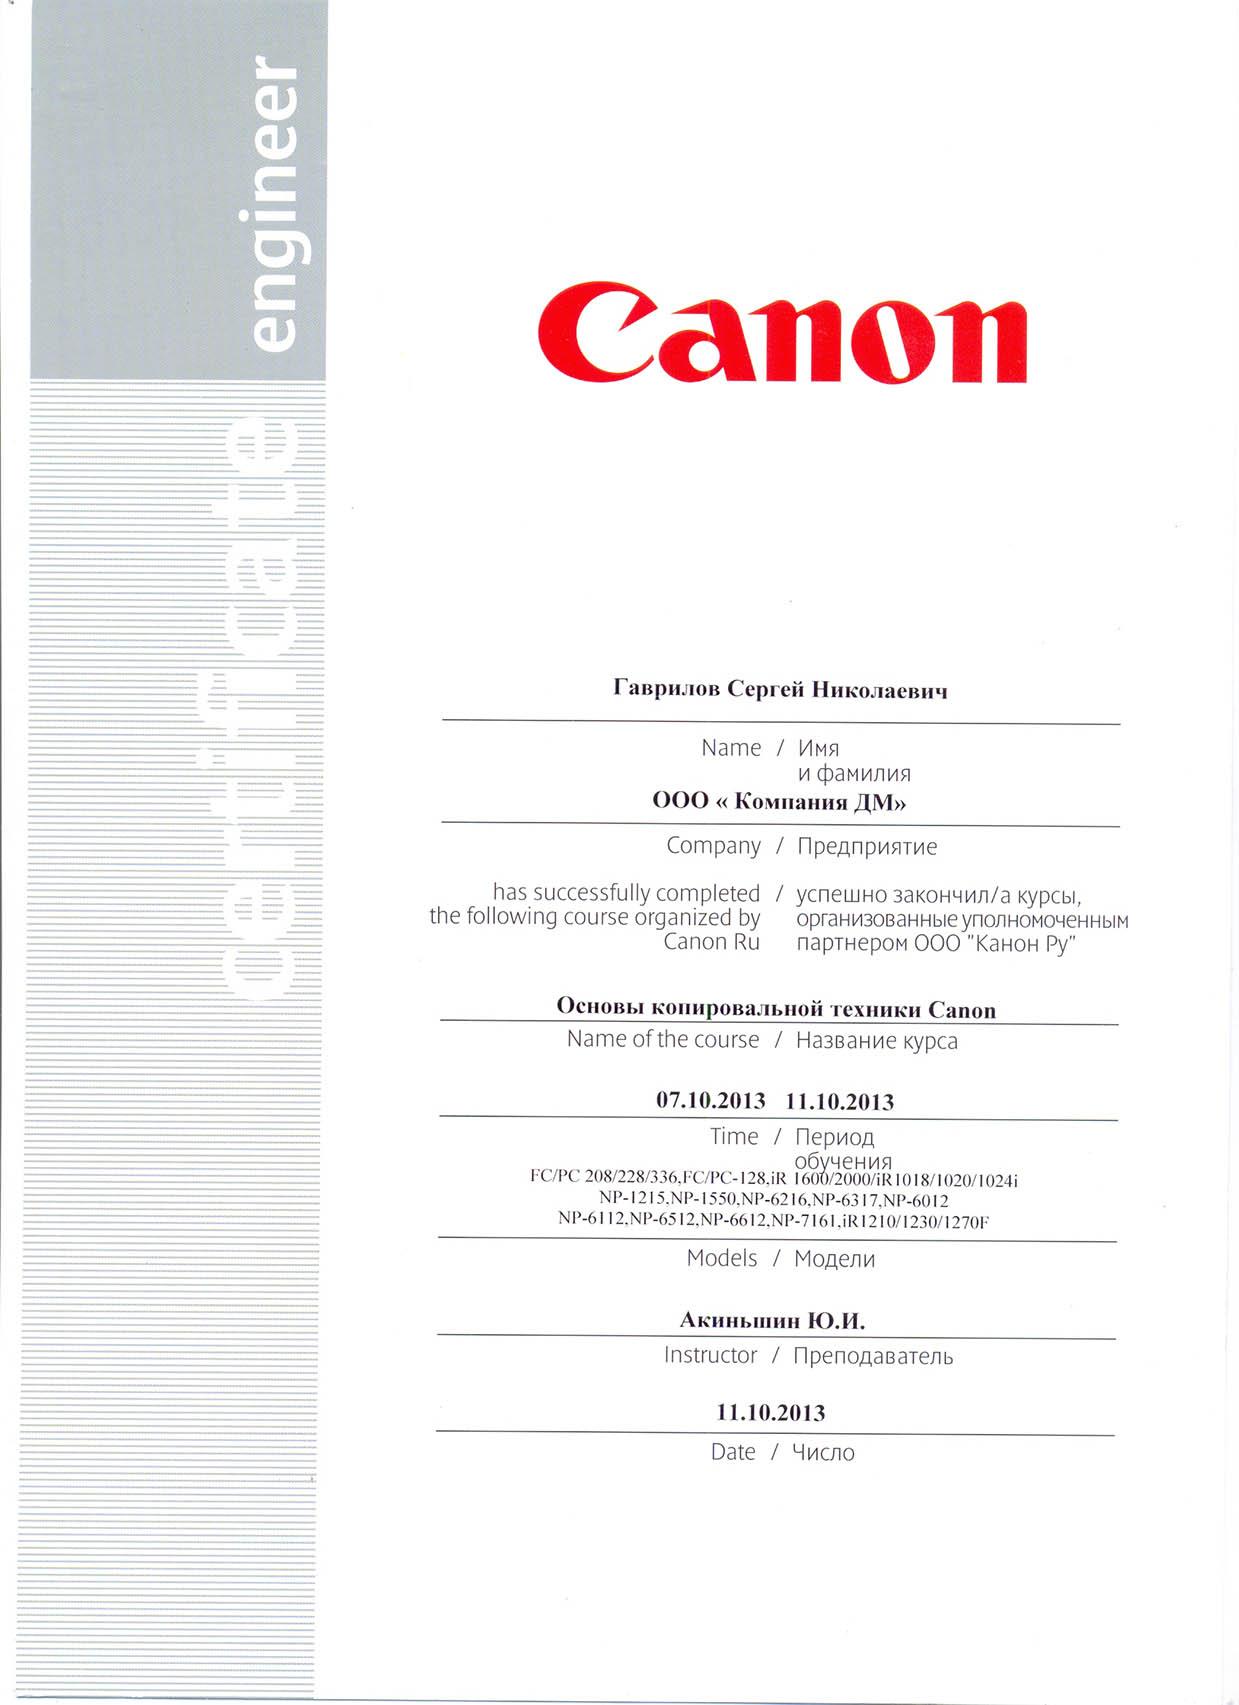 canon-certificat1